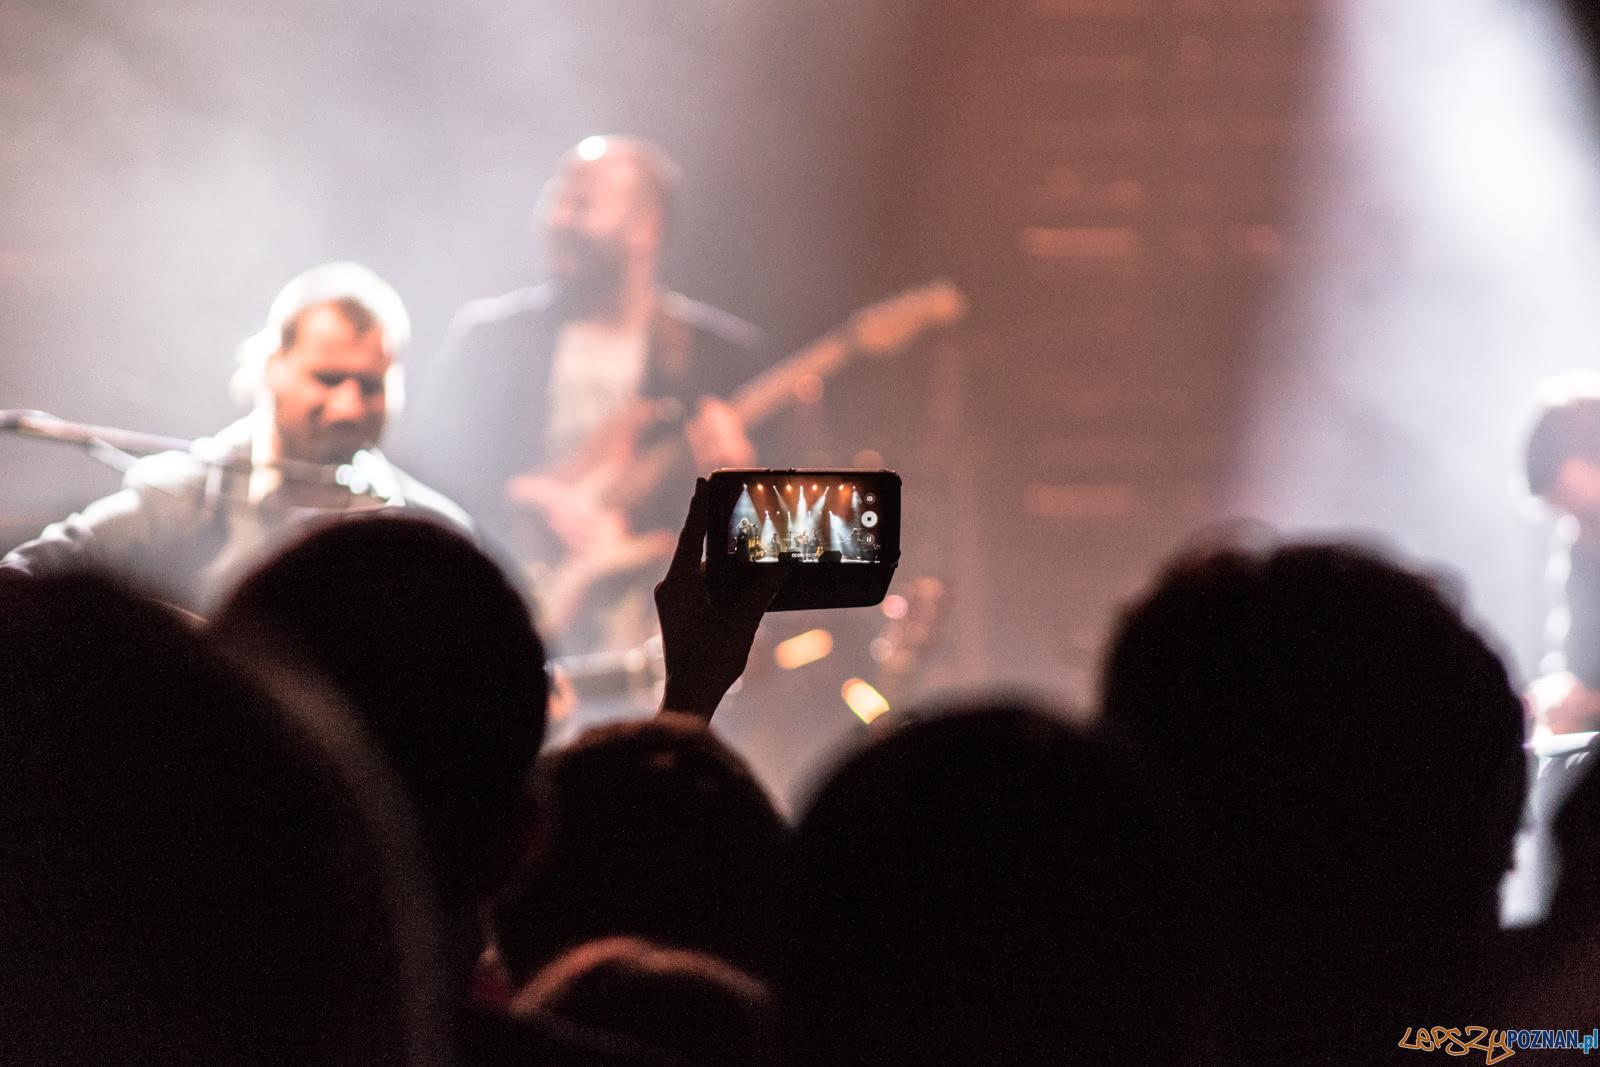 Nosowska na Tłusto  Foto: lepszyPOZNAN.pl / Ewelina Jaśkowiak